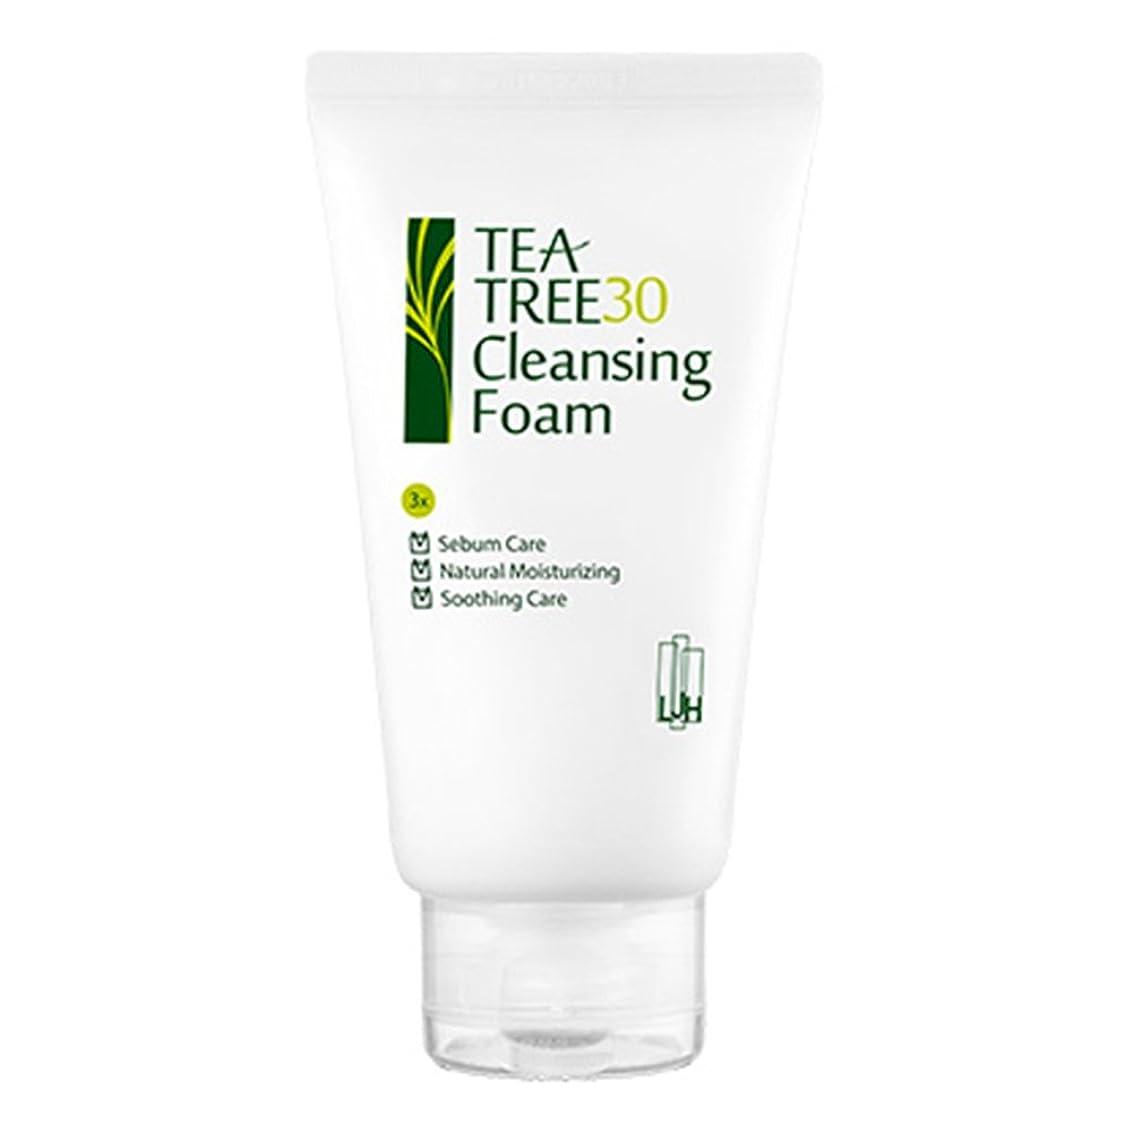 ブリークハブ中で(イジハム) LeeGeeHaam Tea tree 30 Cleansing Foam 150ml (海外直送品)